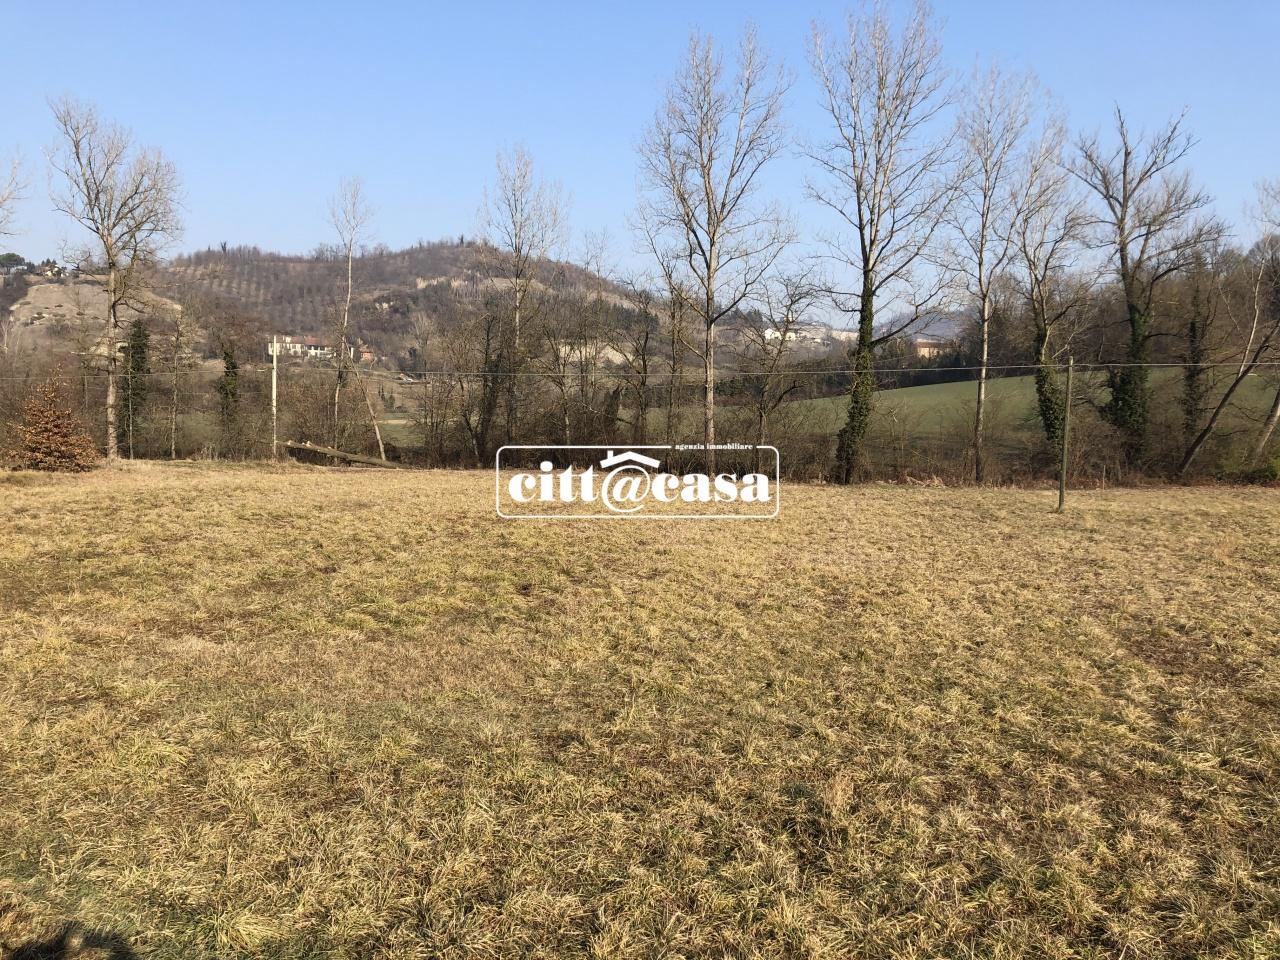 Terreno Agricolo in vendita a Casalborgone, 9999 locali, prezzo € 3.200 | CambioCasa.it